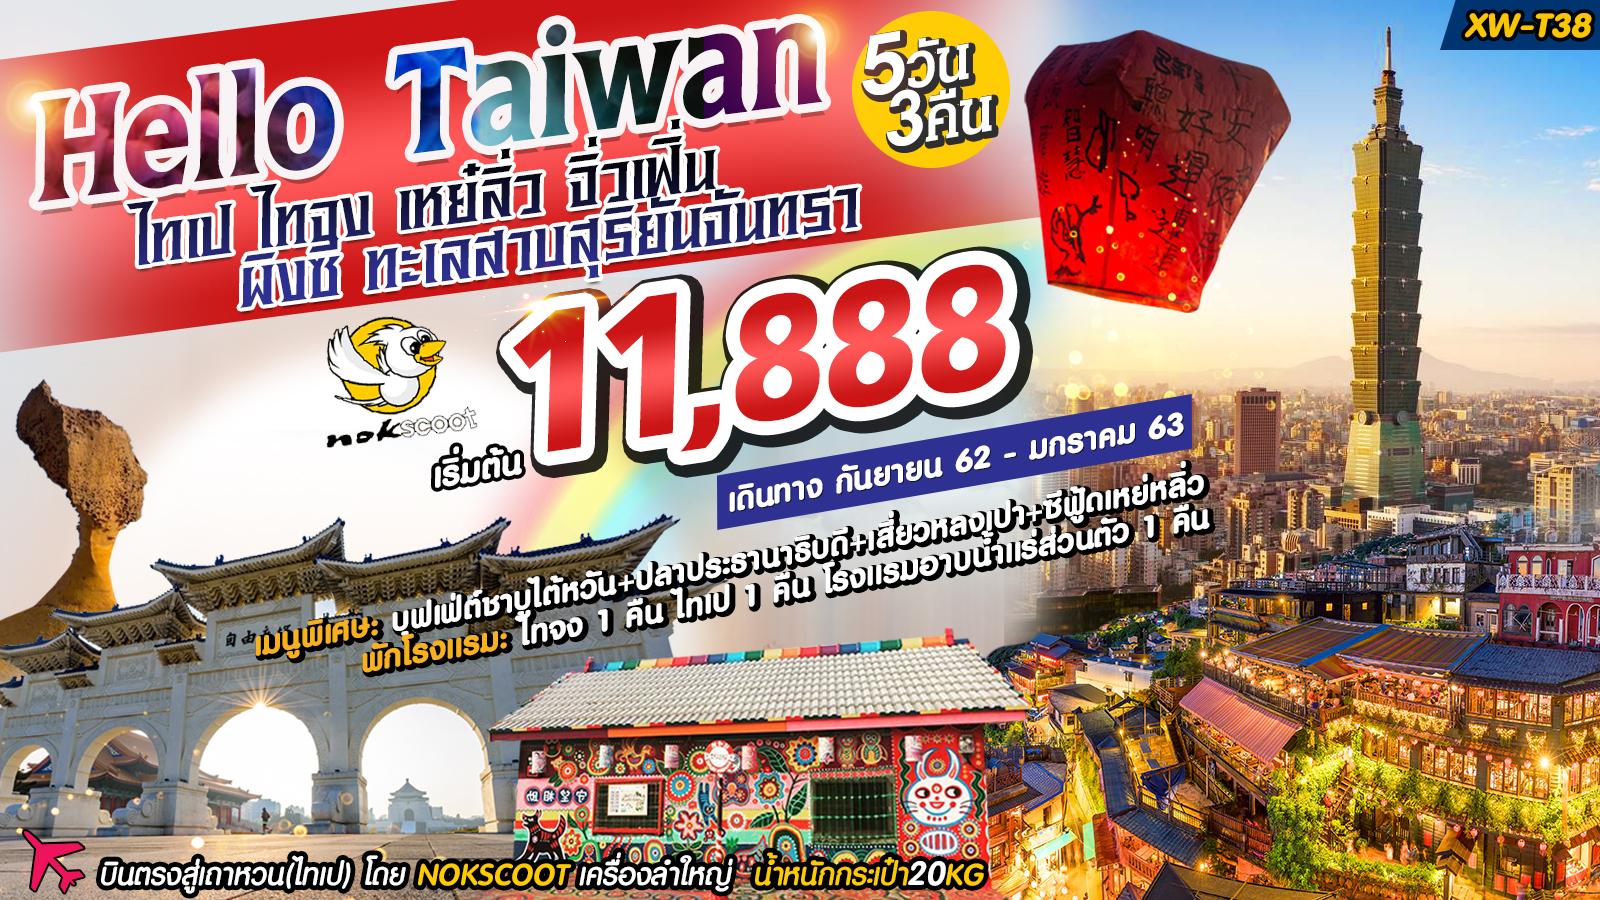 ทัวร์ไต้หวัน [ XW-T38 ] HELLO TAIWAN ไต้หวัน ไทเป ไทจง เหย่หลิ๋ว จิ่วเฟิ่น ผิงซี ทะเลสาบสุริยันจันทรา 5D3N